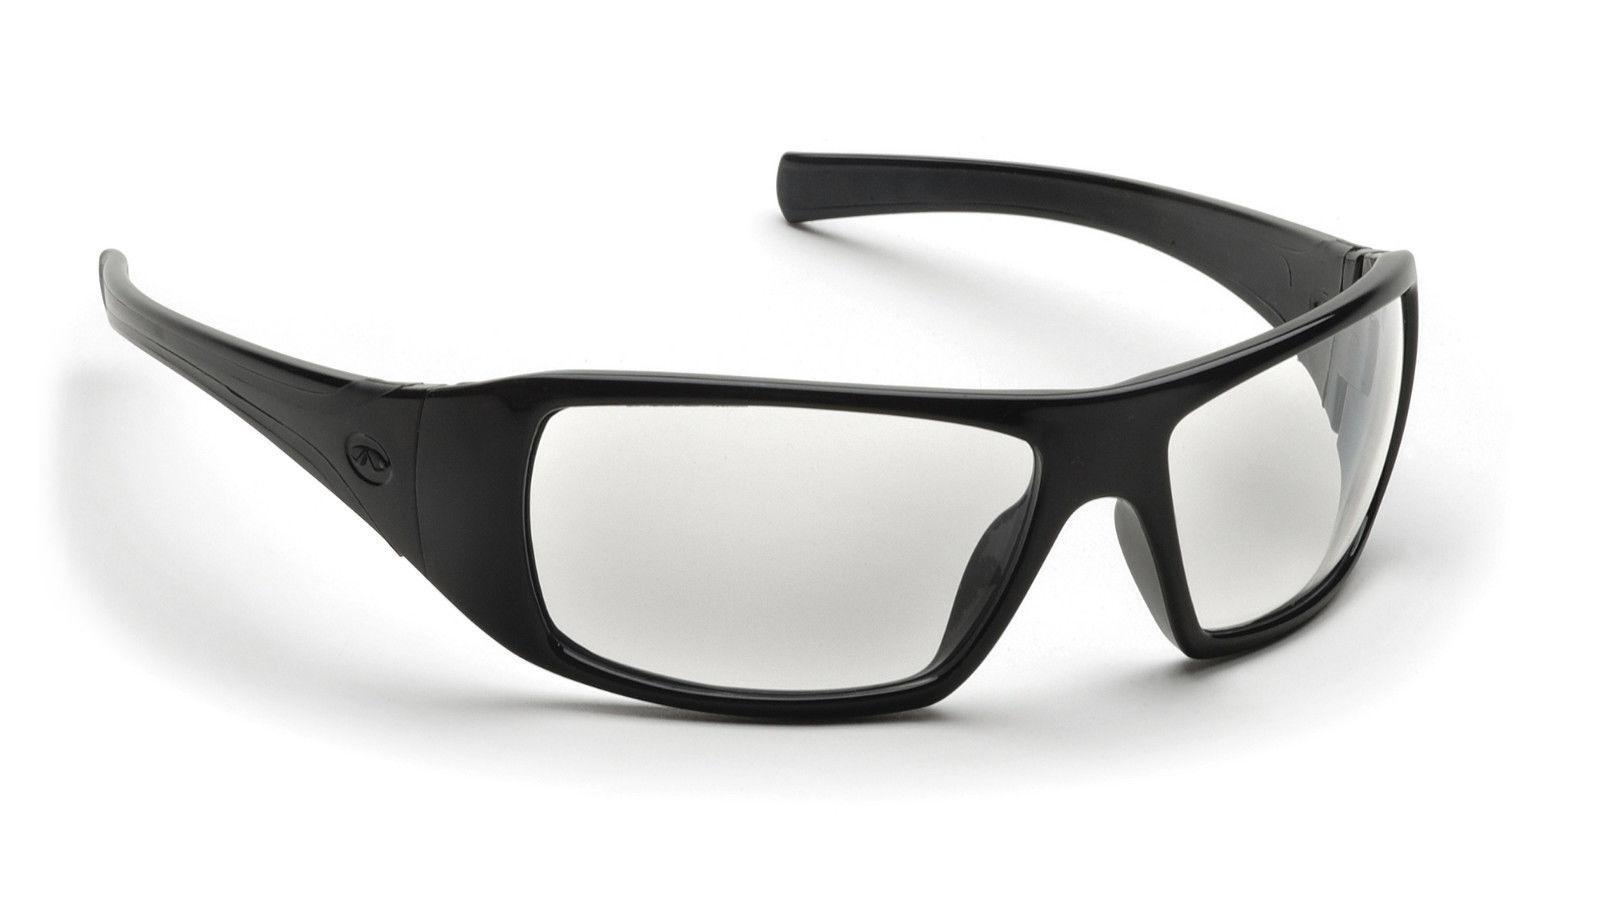 safety glasses clear lens black frame sport